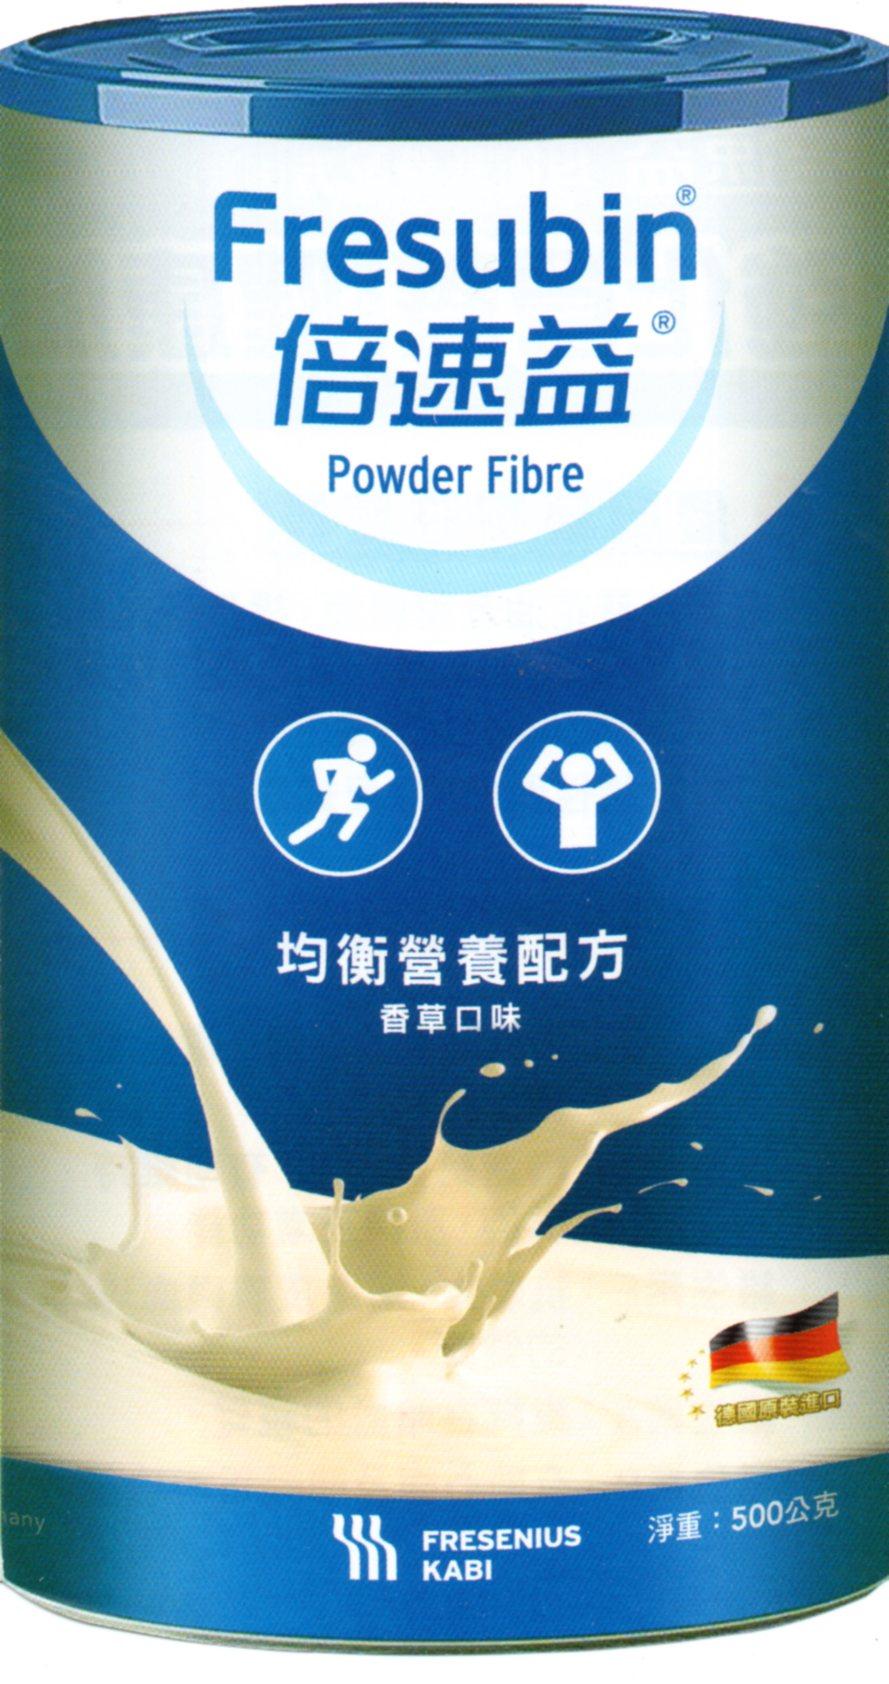 【肽揚醫材】倍速益 含纖均衡營養配方(香草口味/粉狀) 500g/罐